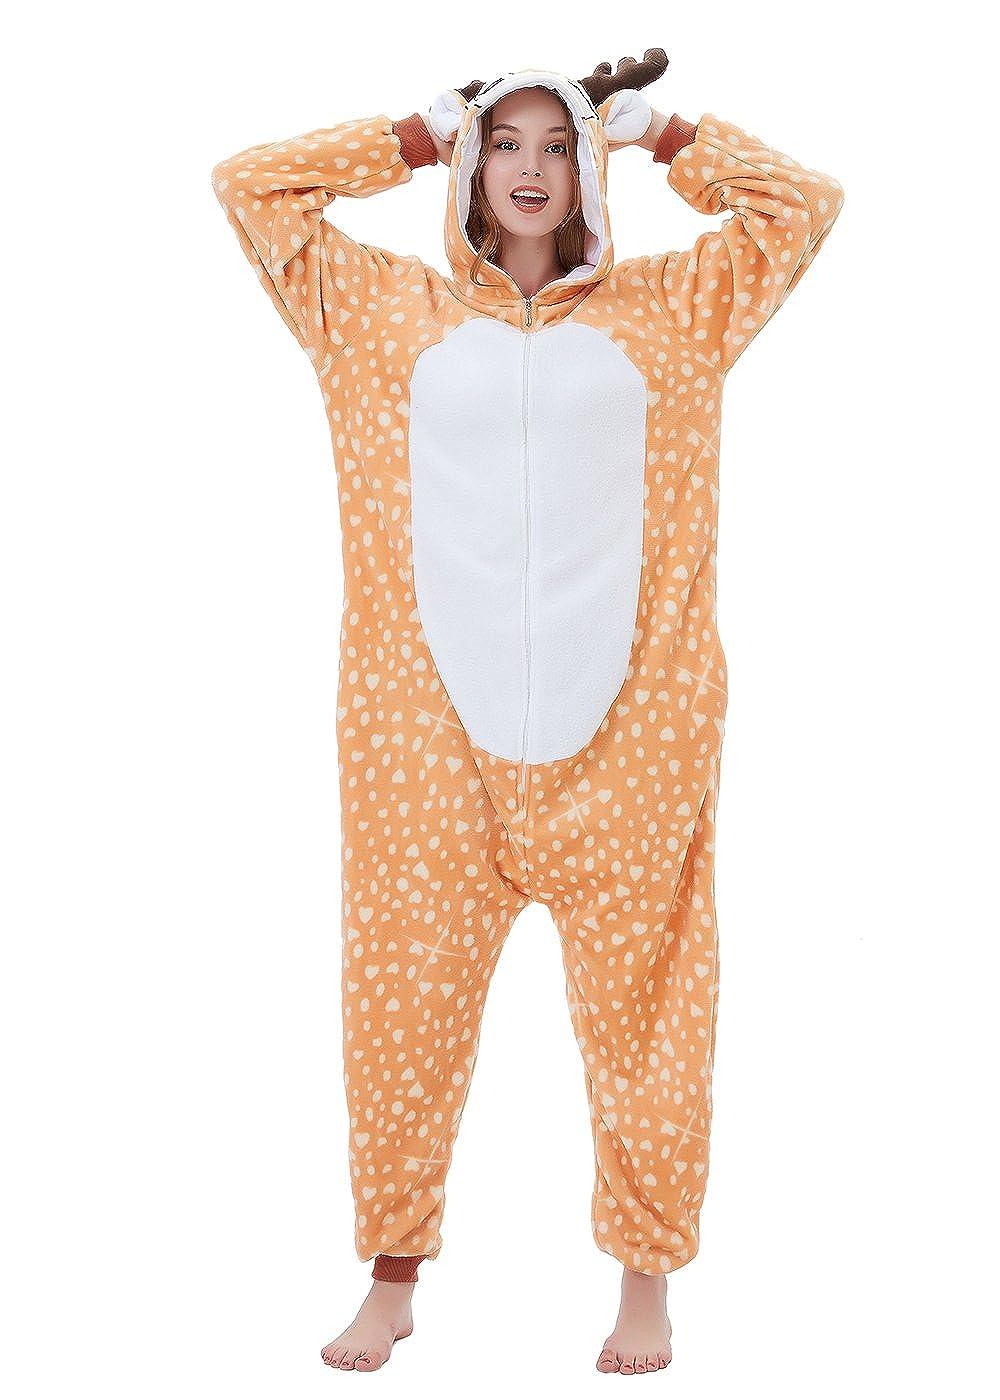 ABENCA Zip up Fleece Onesie Pajamas for Women Adult Cartoon Animal Christmas Halloween Cosplay Onepiece Costume